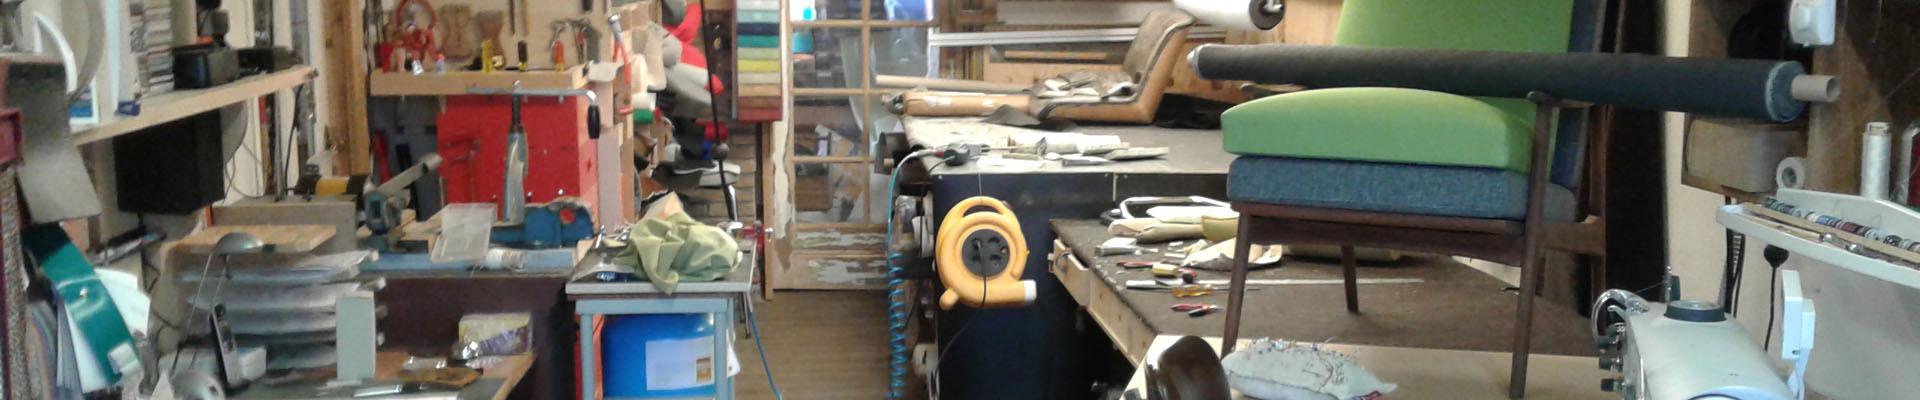 werkplaats-meubelstoffeerderij-op-en-nij